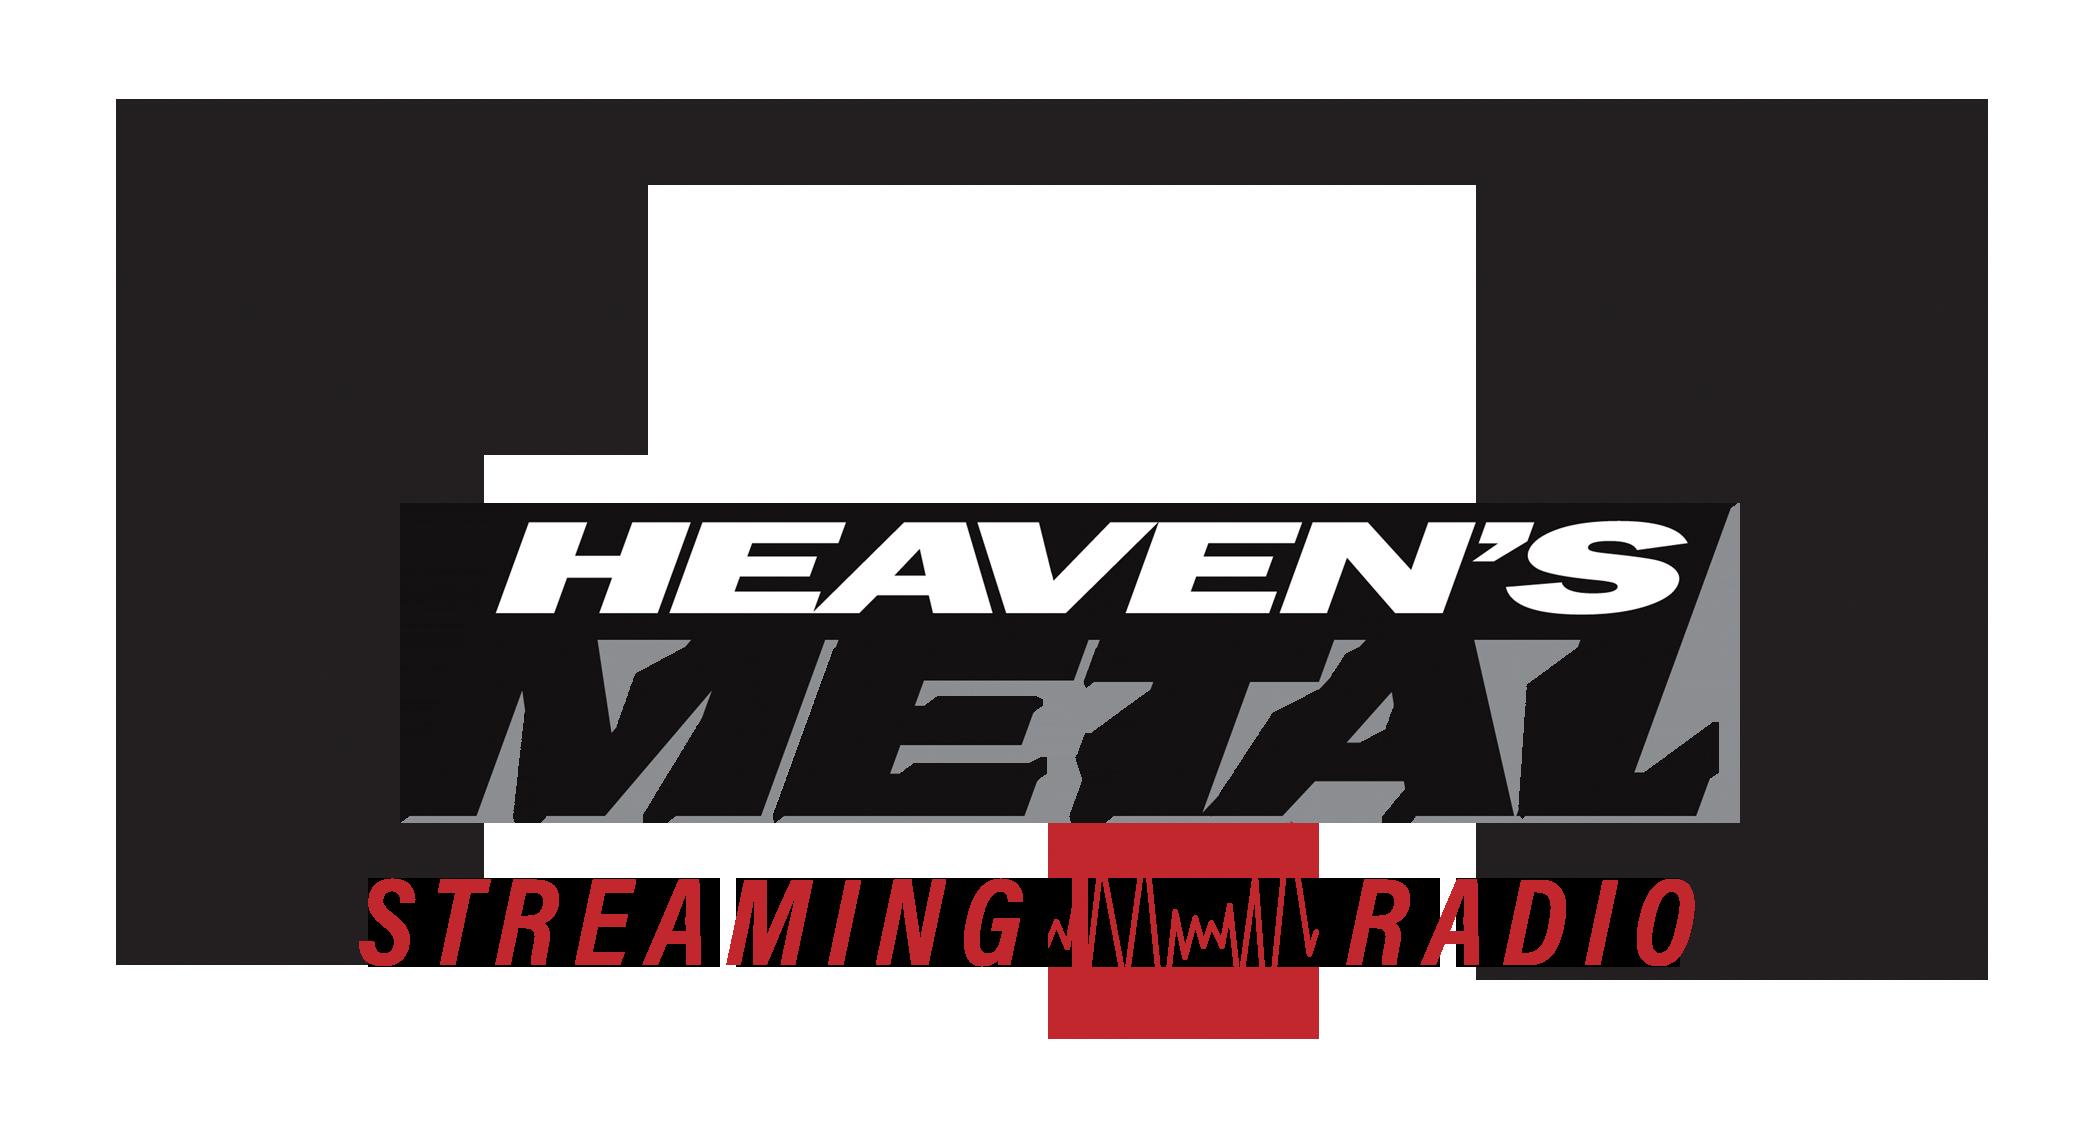 Art for HMSR id 8 by Heavens Metal Rado ID